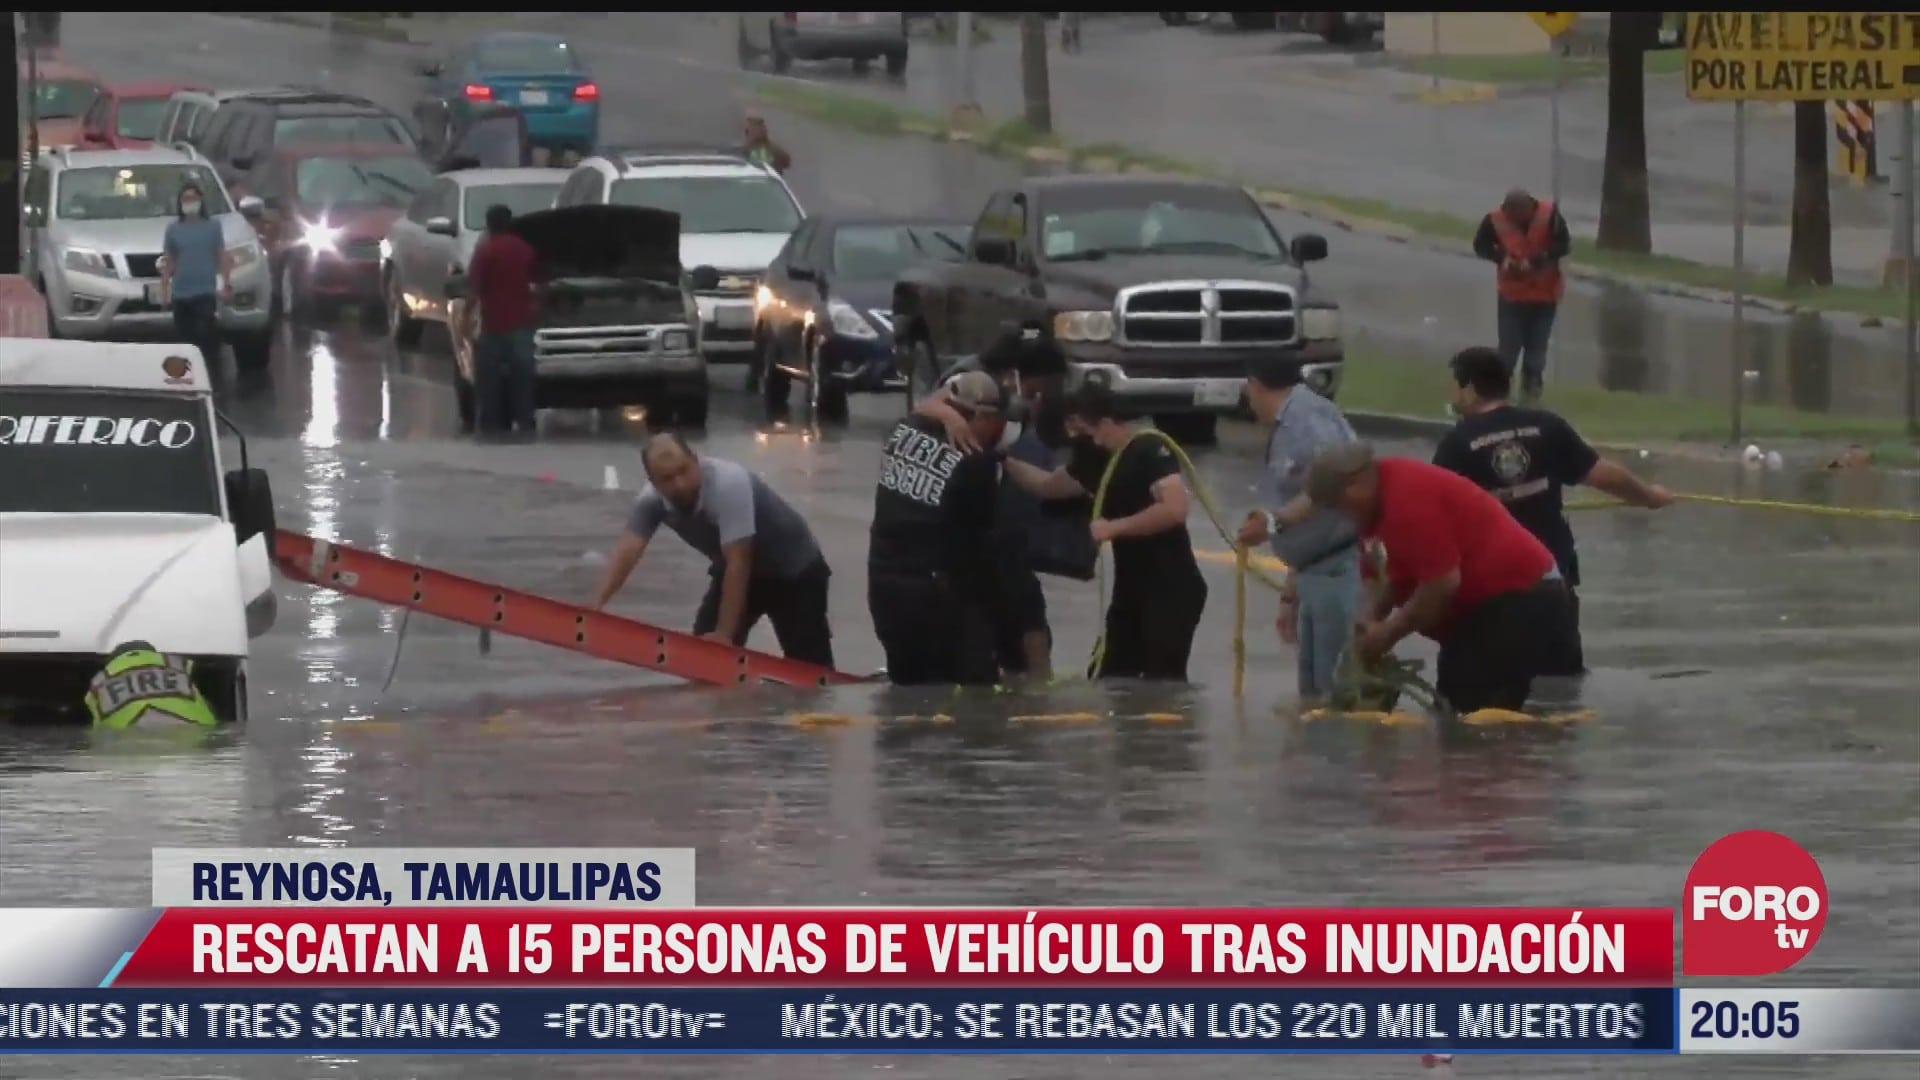 rescatan a 15 personas de vehiculo tras inundacion en reynosa